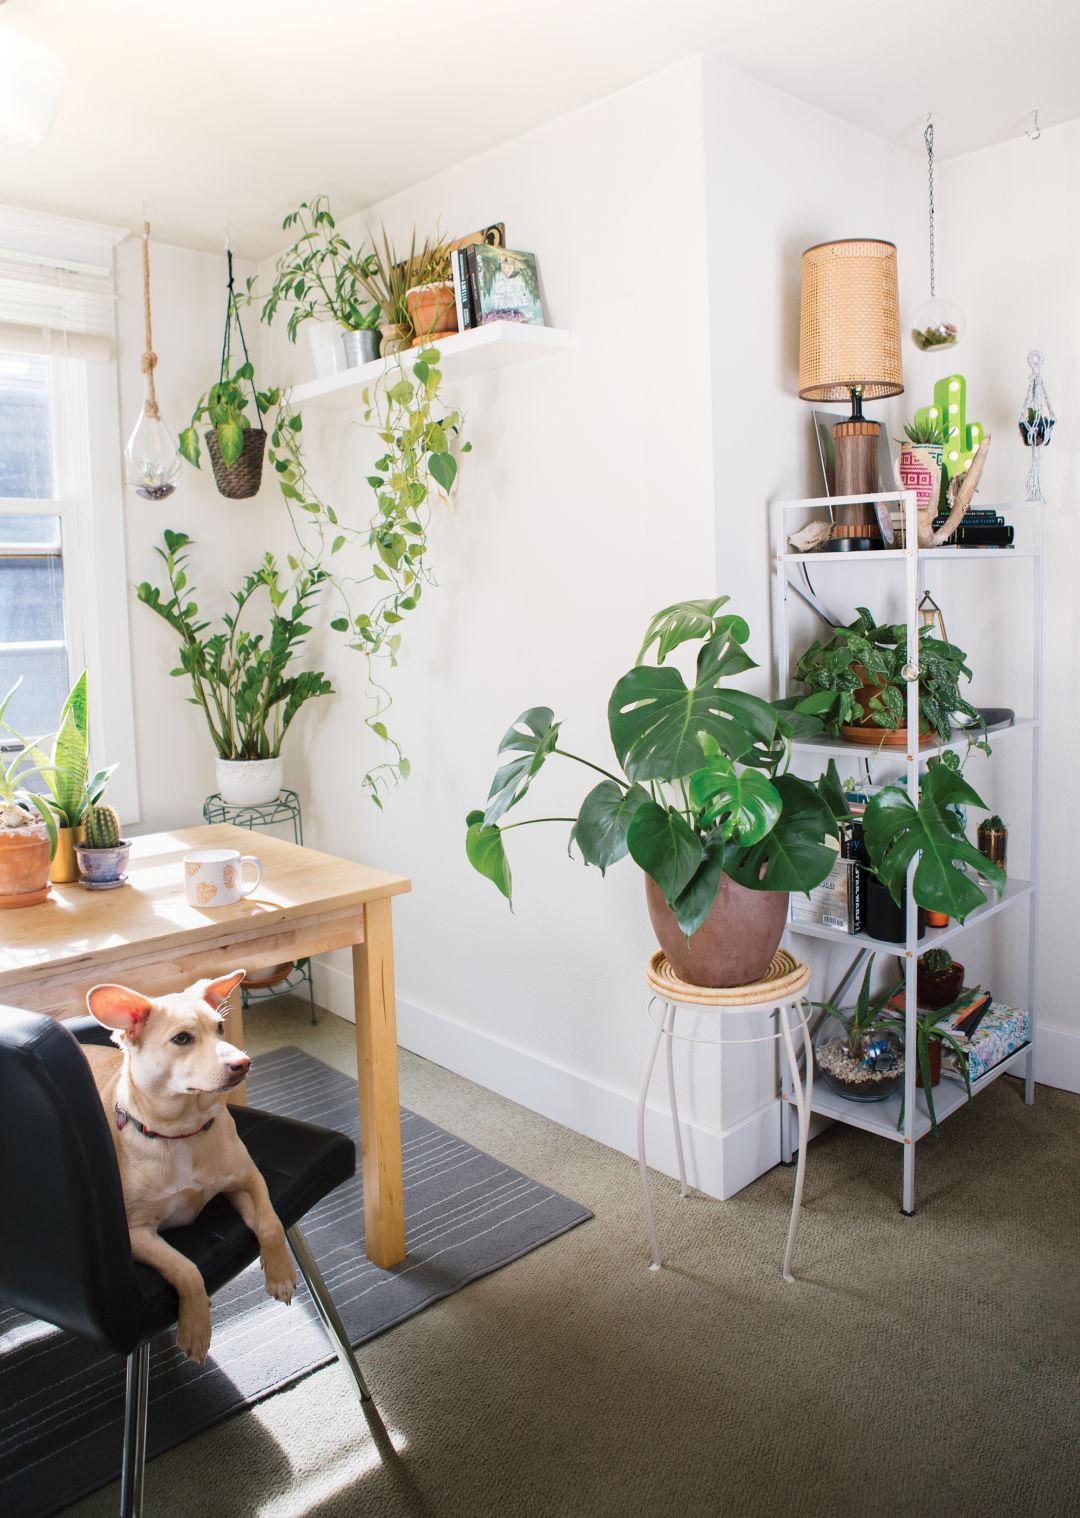 How to Keep Indoor Plants | Seattle Met